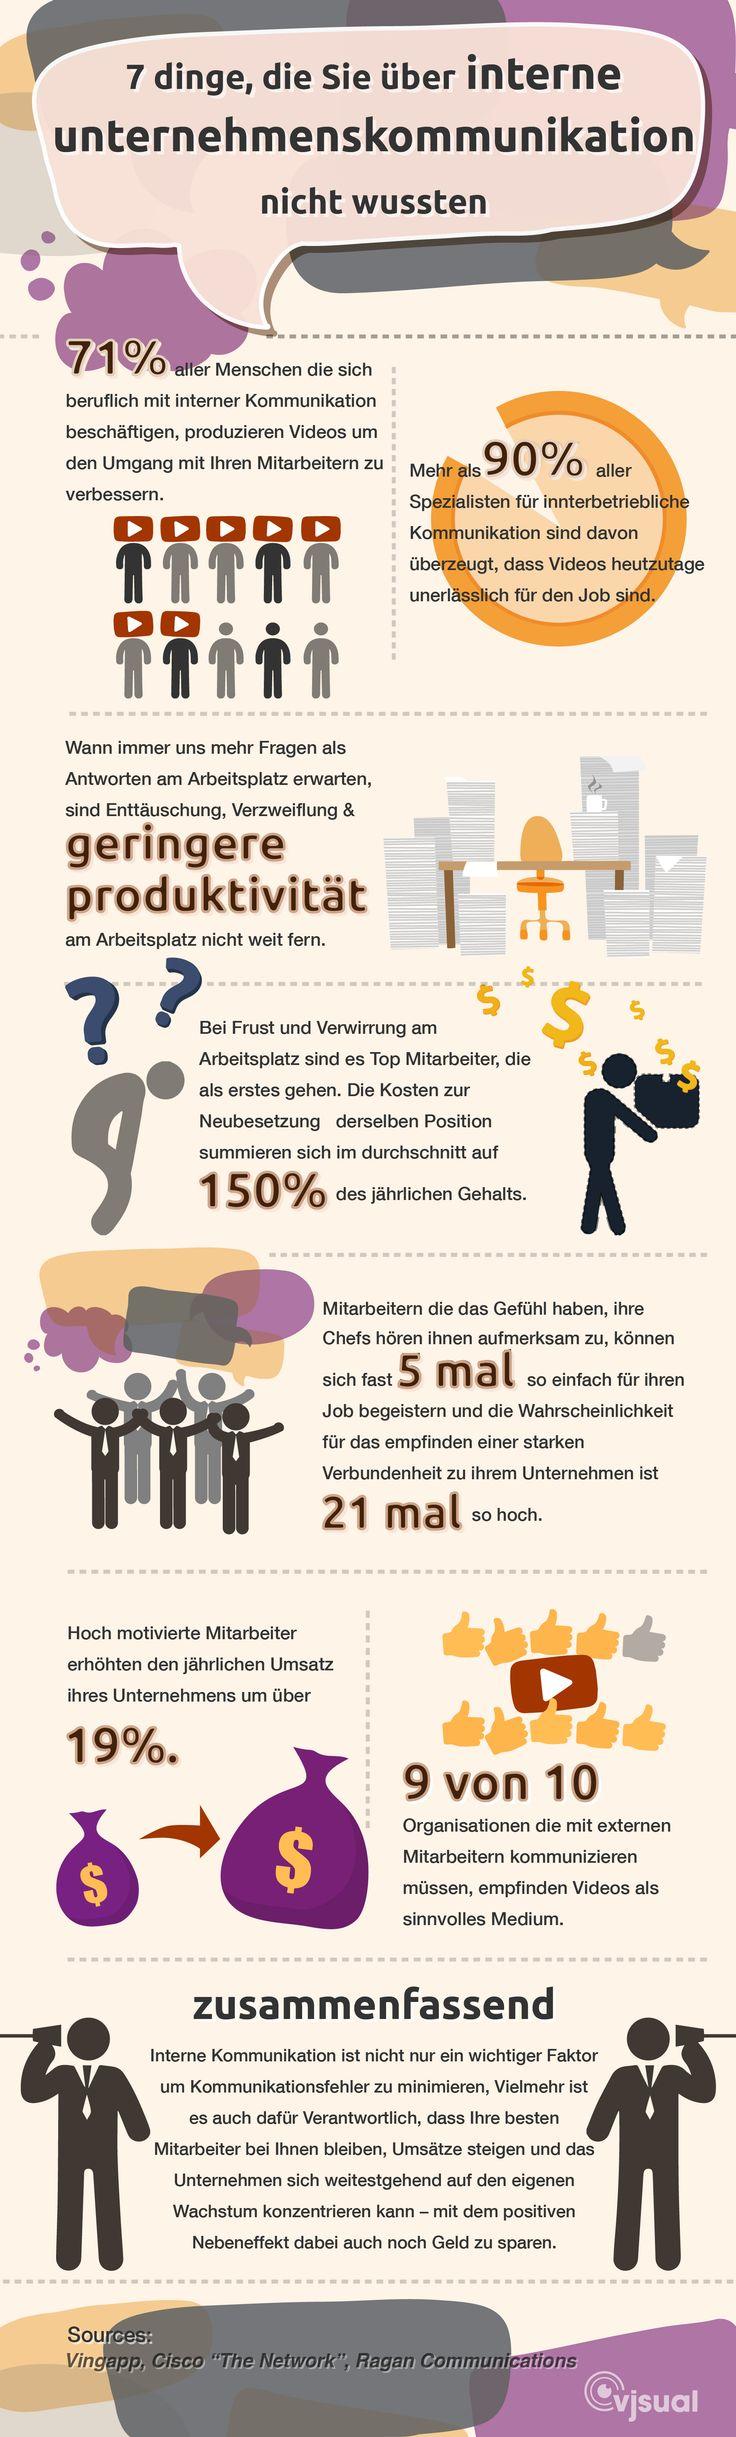 Infographik von vjsual erstellt. Blog : http://vjsual.com/de/category/blog_de